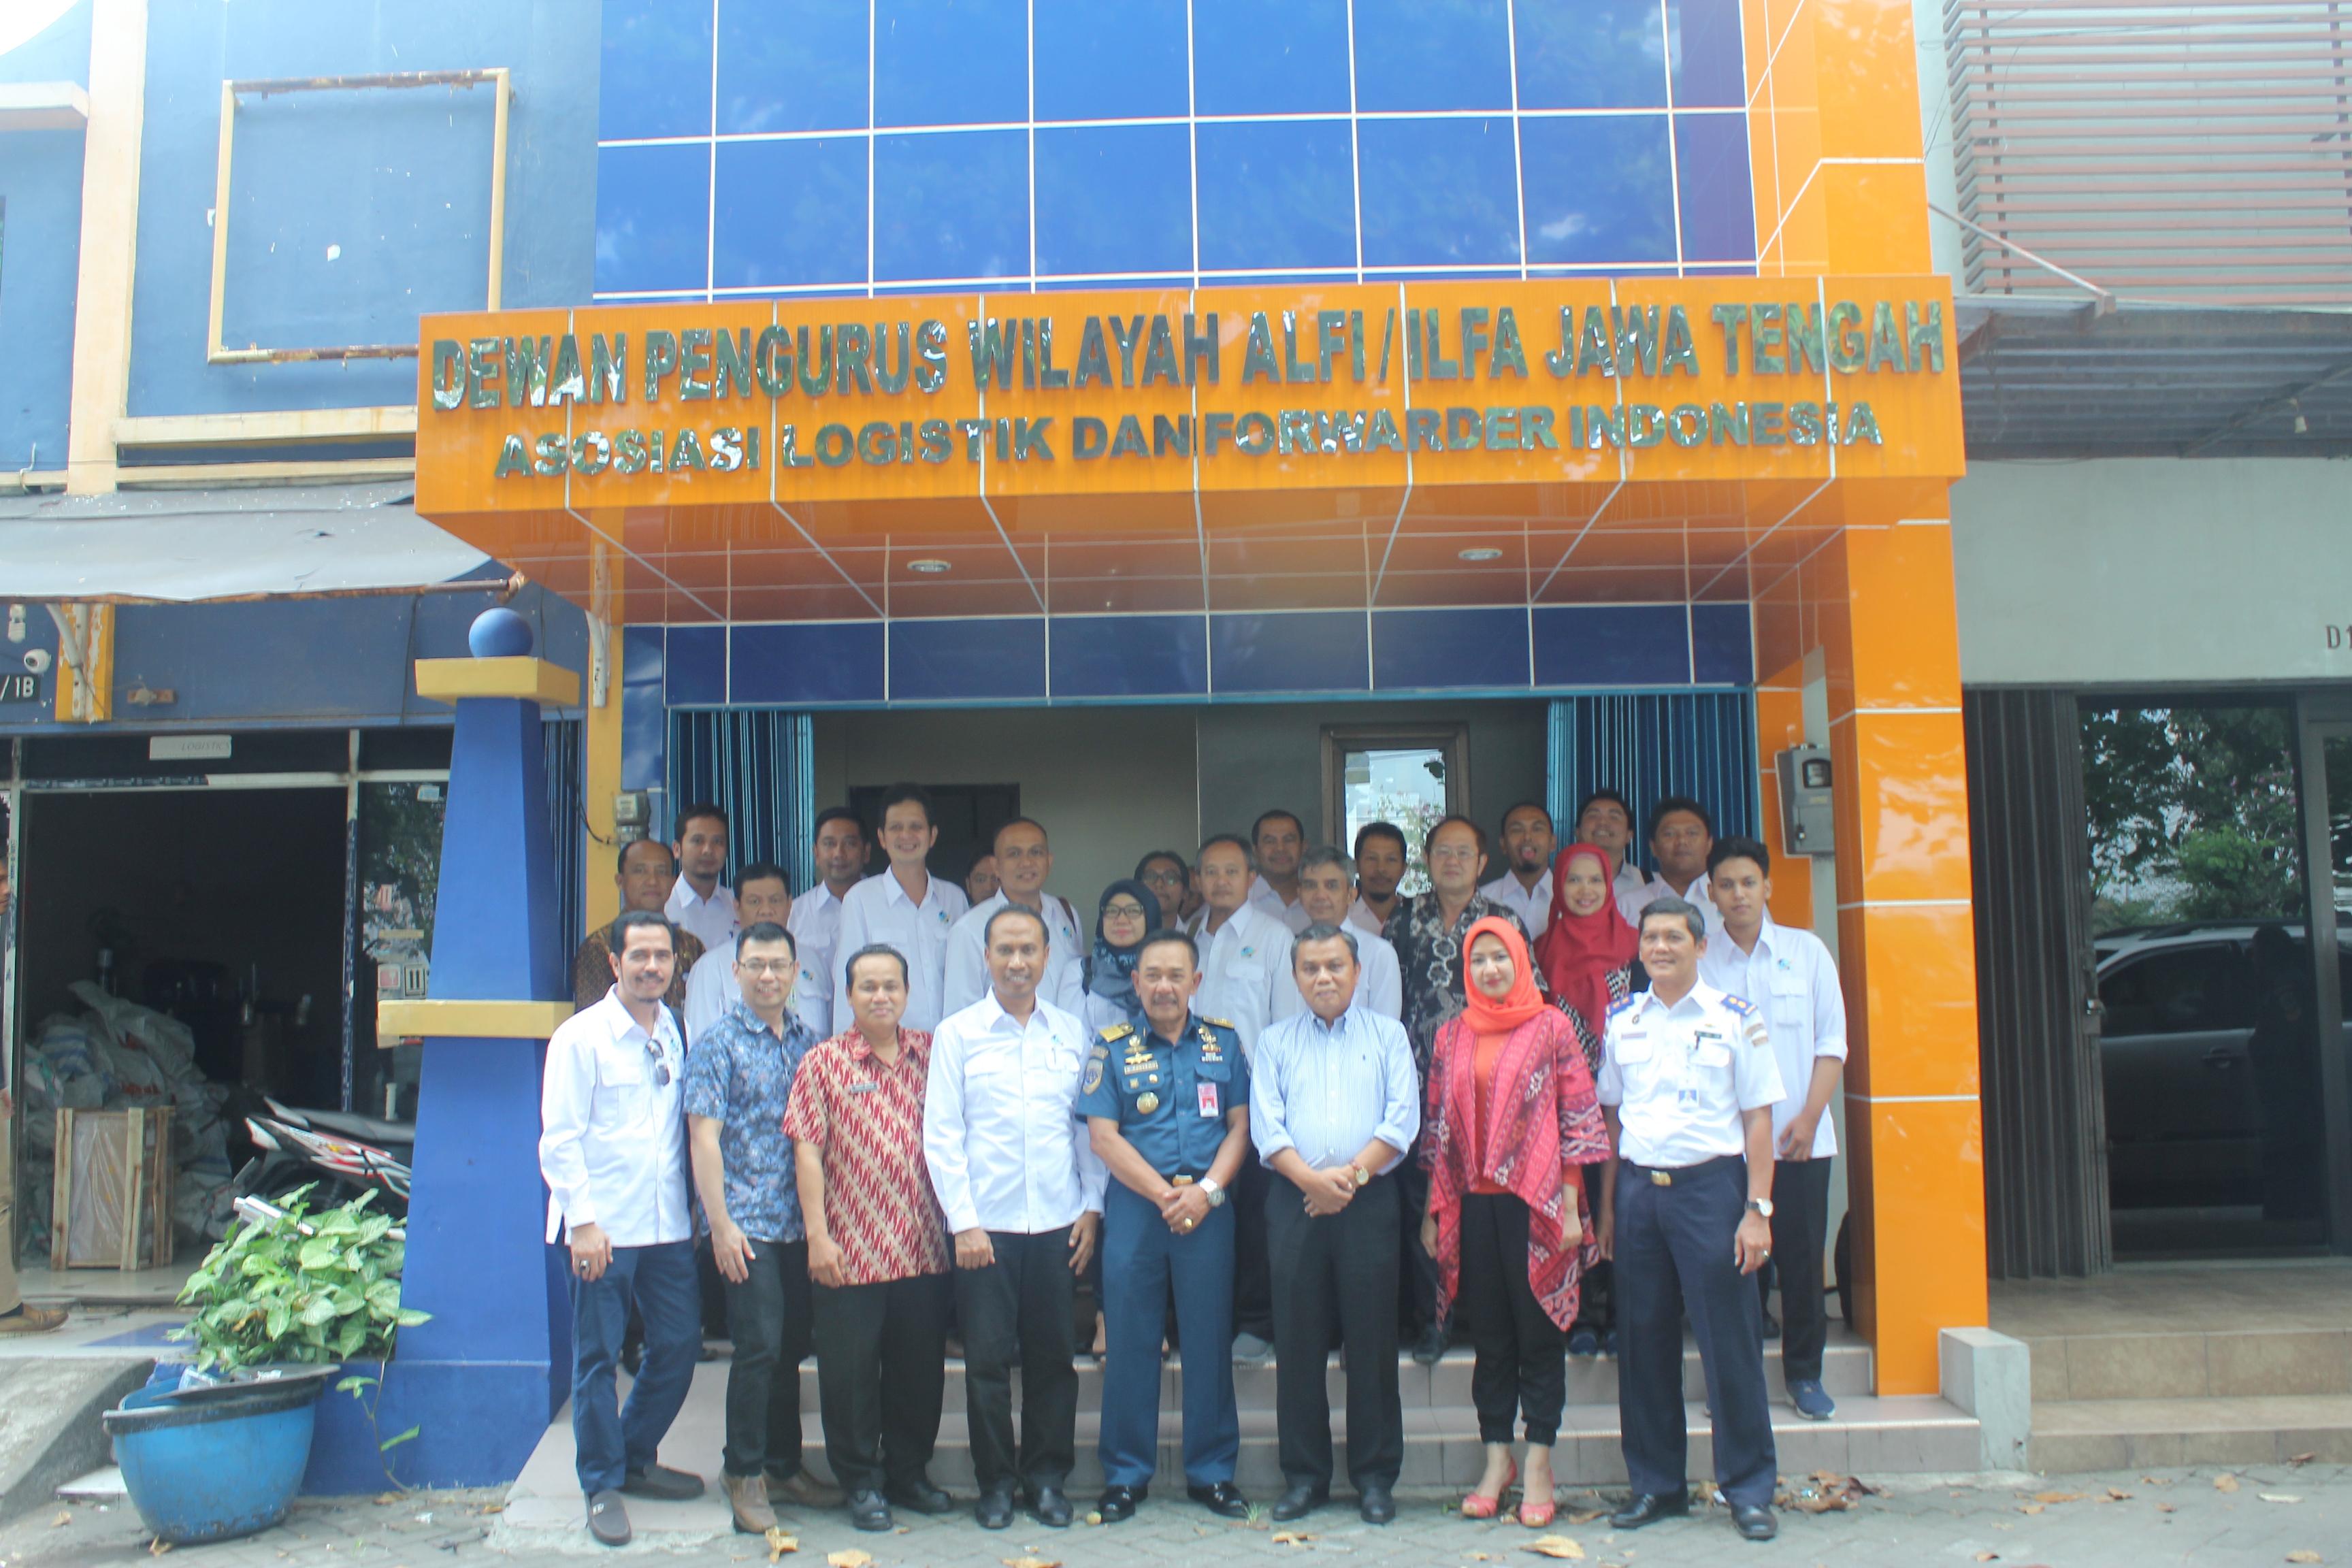 Team Persiapan Kadin Award 2017 yang terdiri dari perwakilan KSOP, GINSI, INSA, Dishub, DPMPTSP